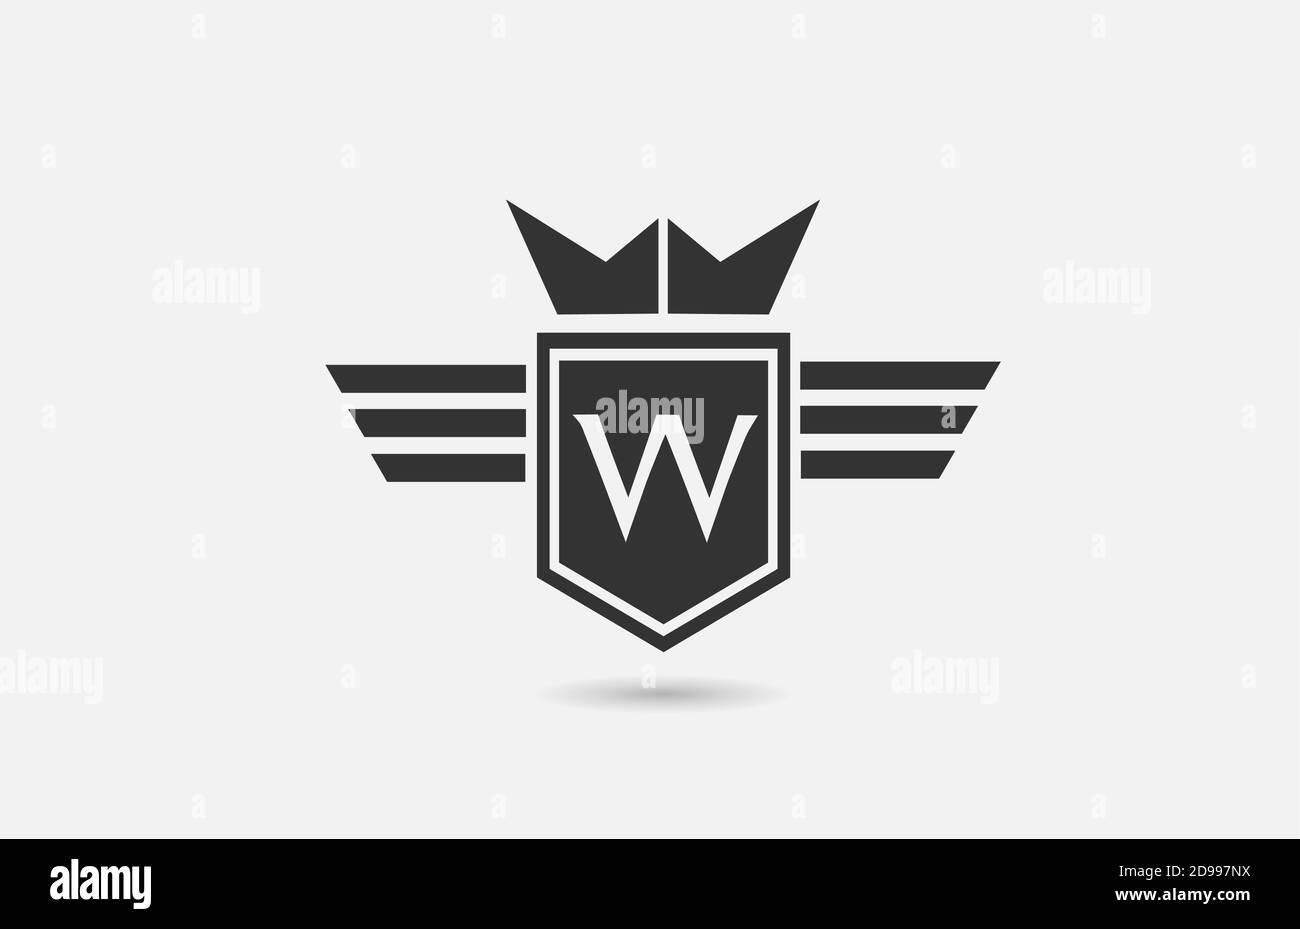 Westtreg Etiqueta engomada de la calcoman/ía de la Letra del Emblema de la Insignia del Maletero del Coche de Las Letras del n/úmero de ABS Negro Mate para BMW 3 Series 320i